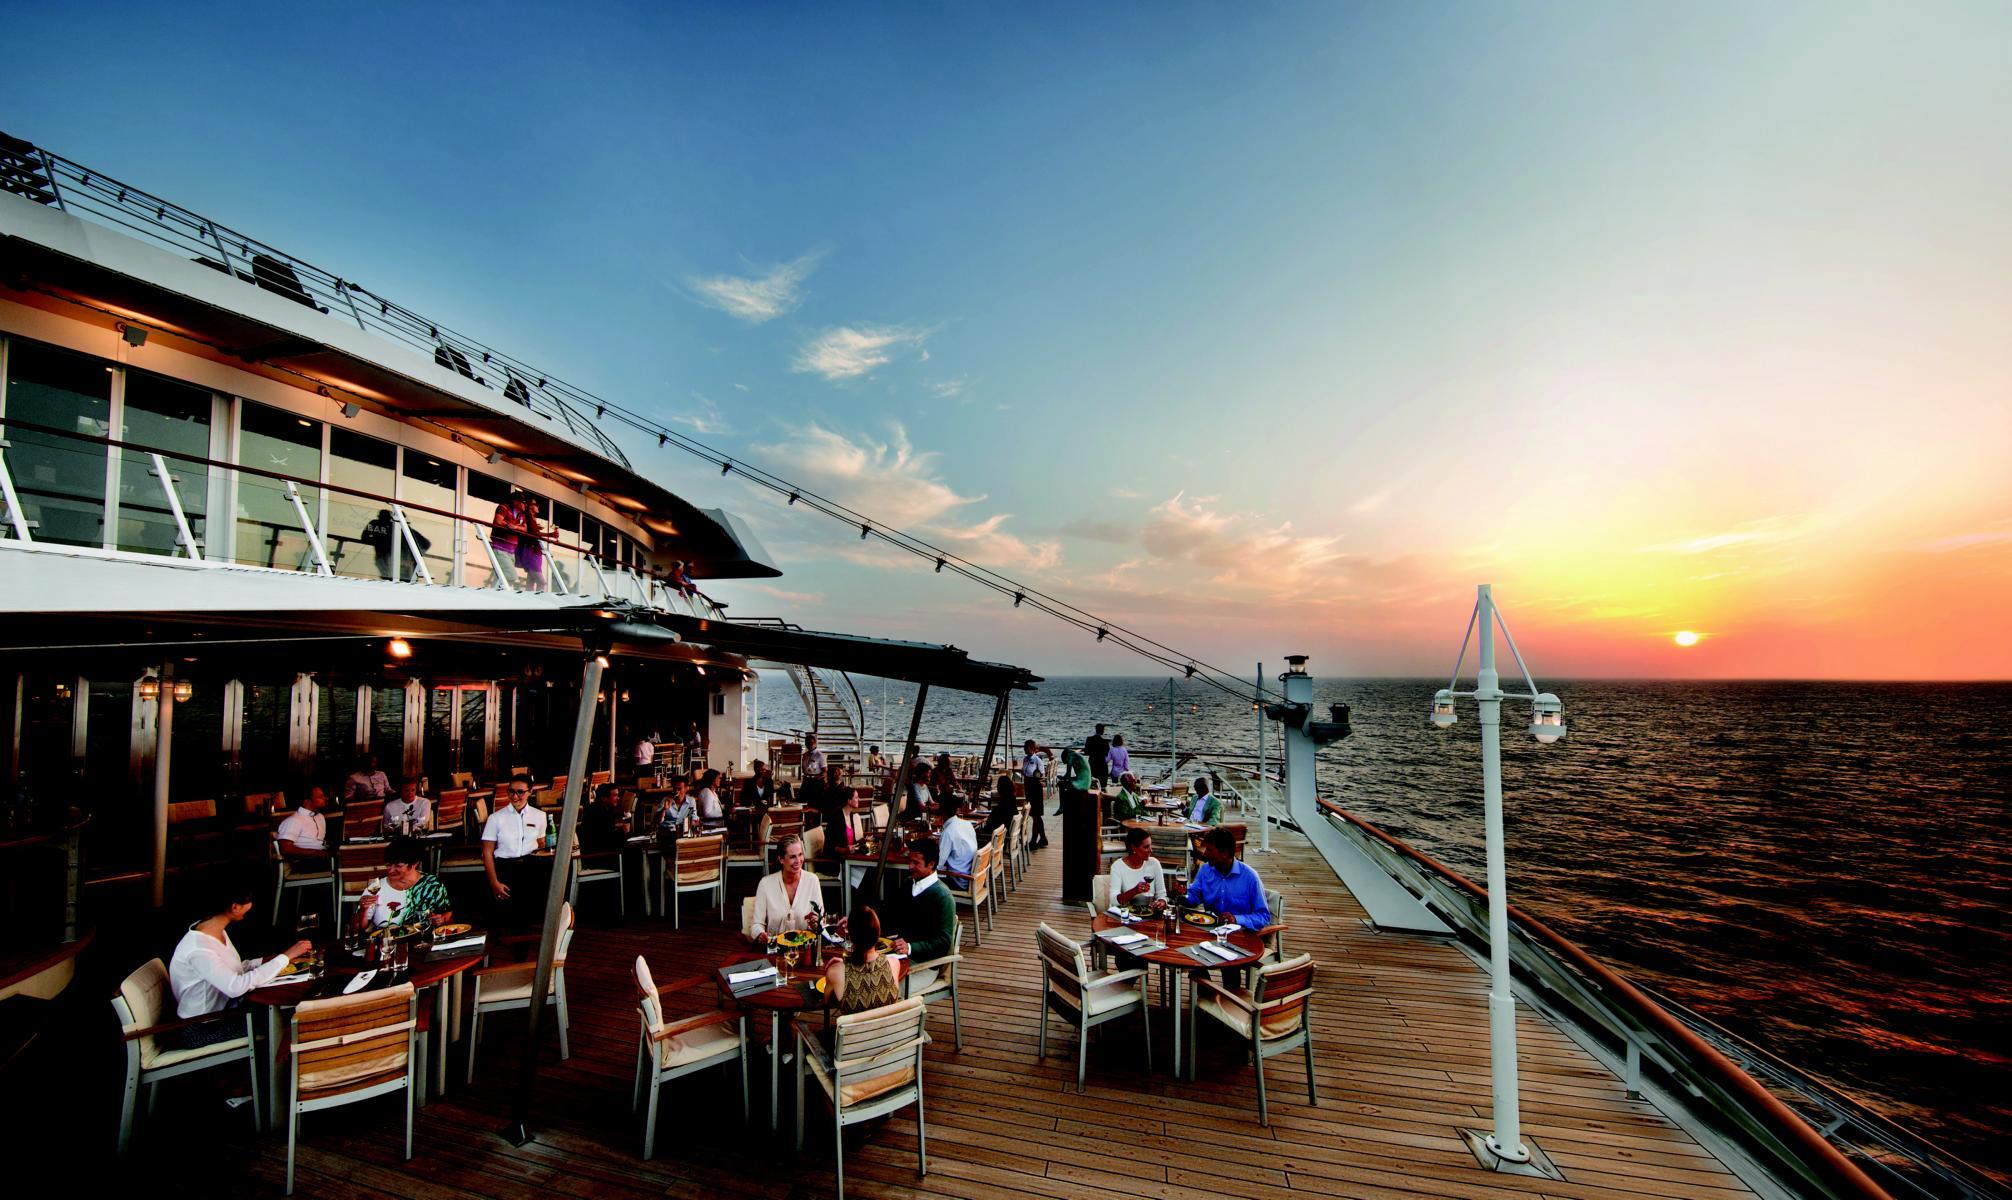 Bar im Sonnenuntergang an Deck der MS Europa